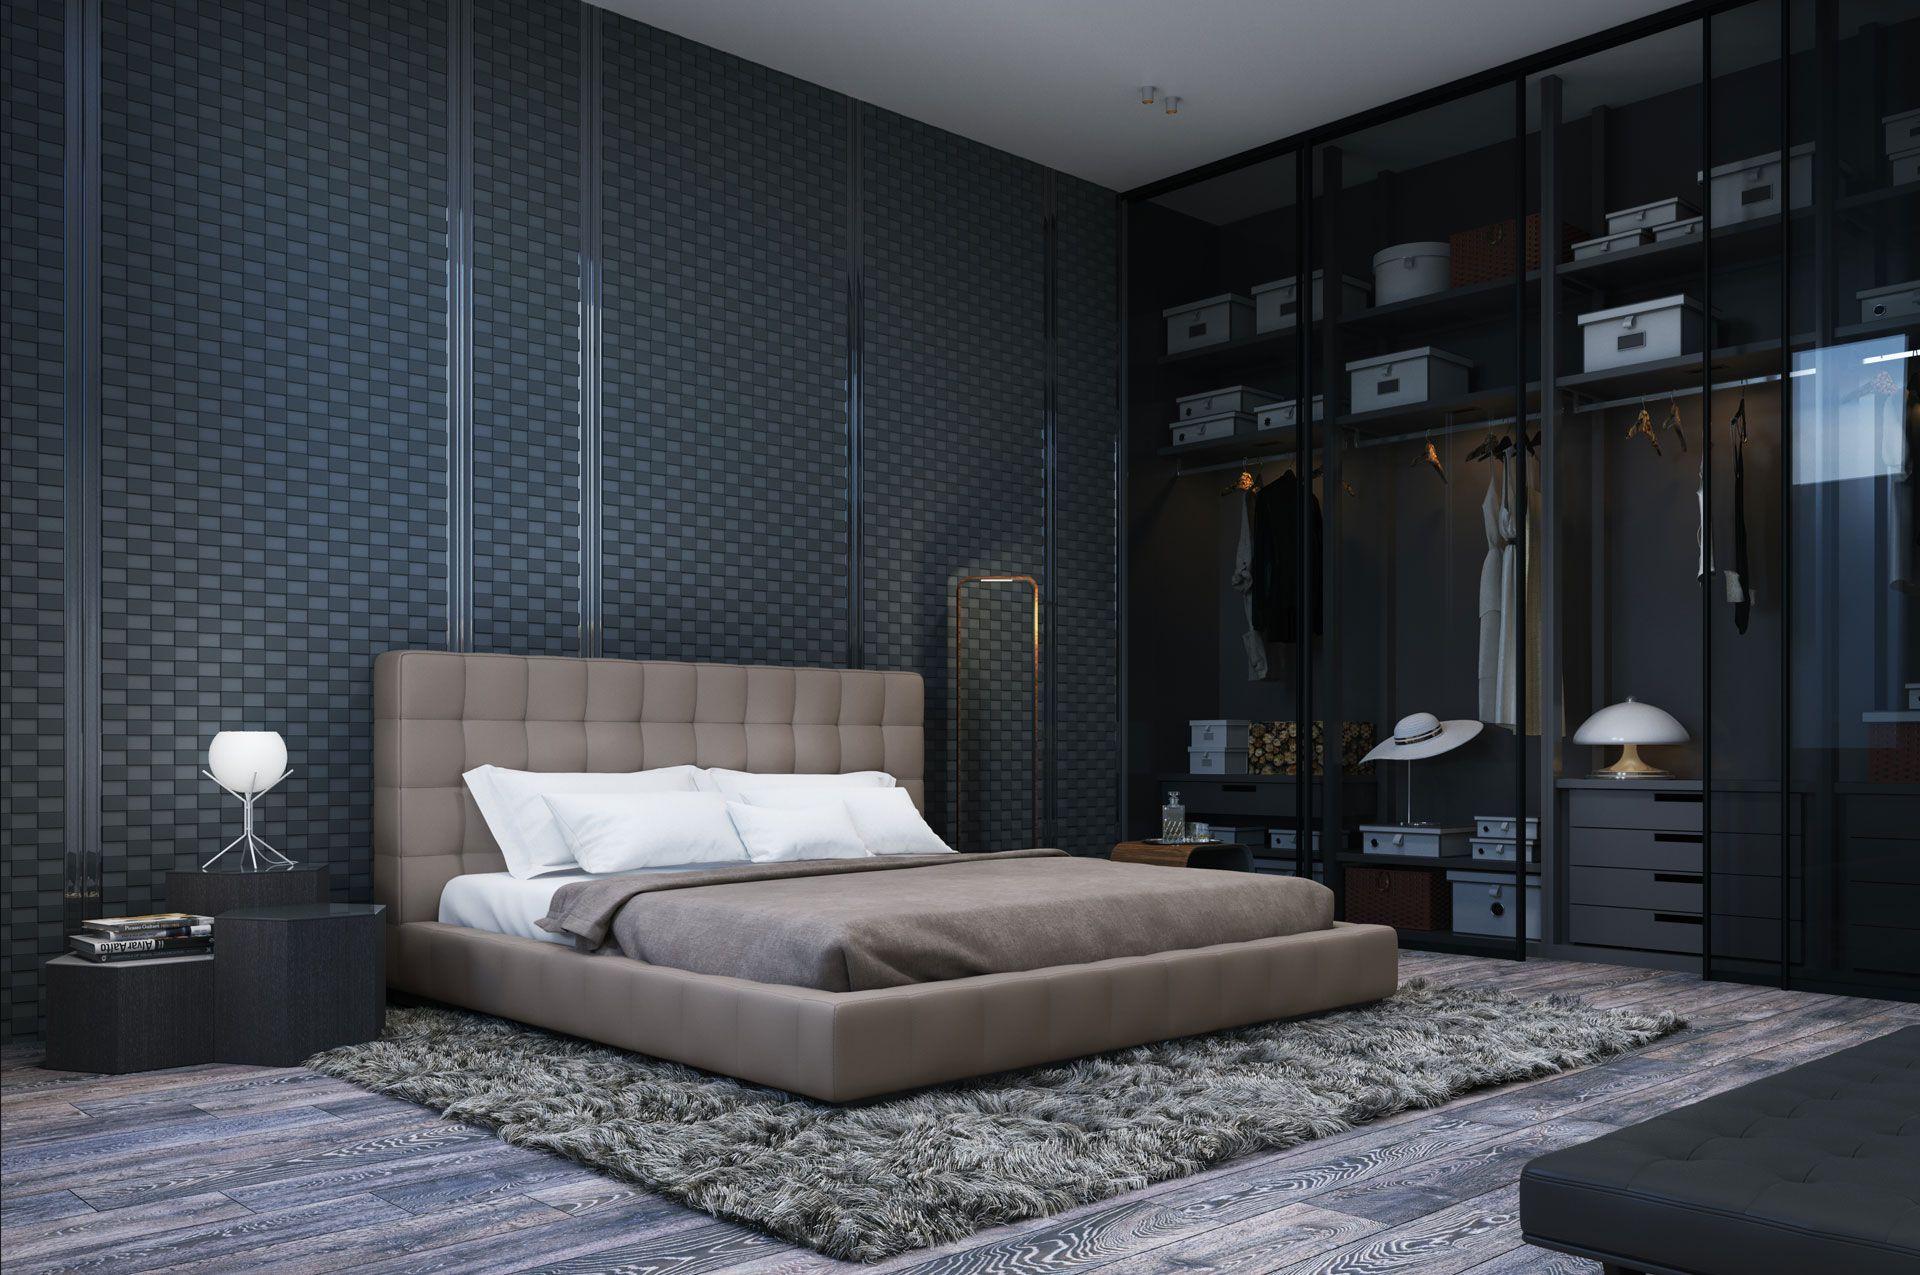 Modloft thompson queen bed mdq official store best home